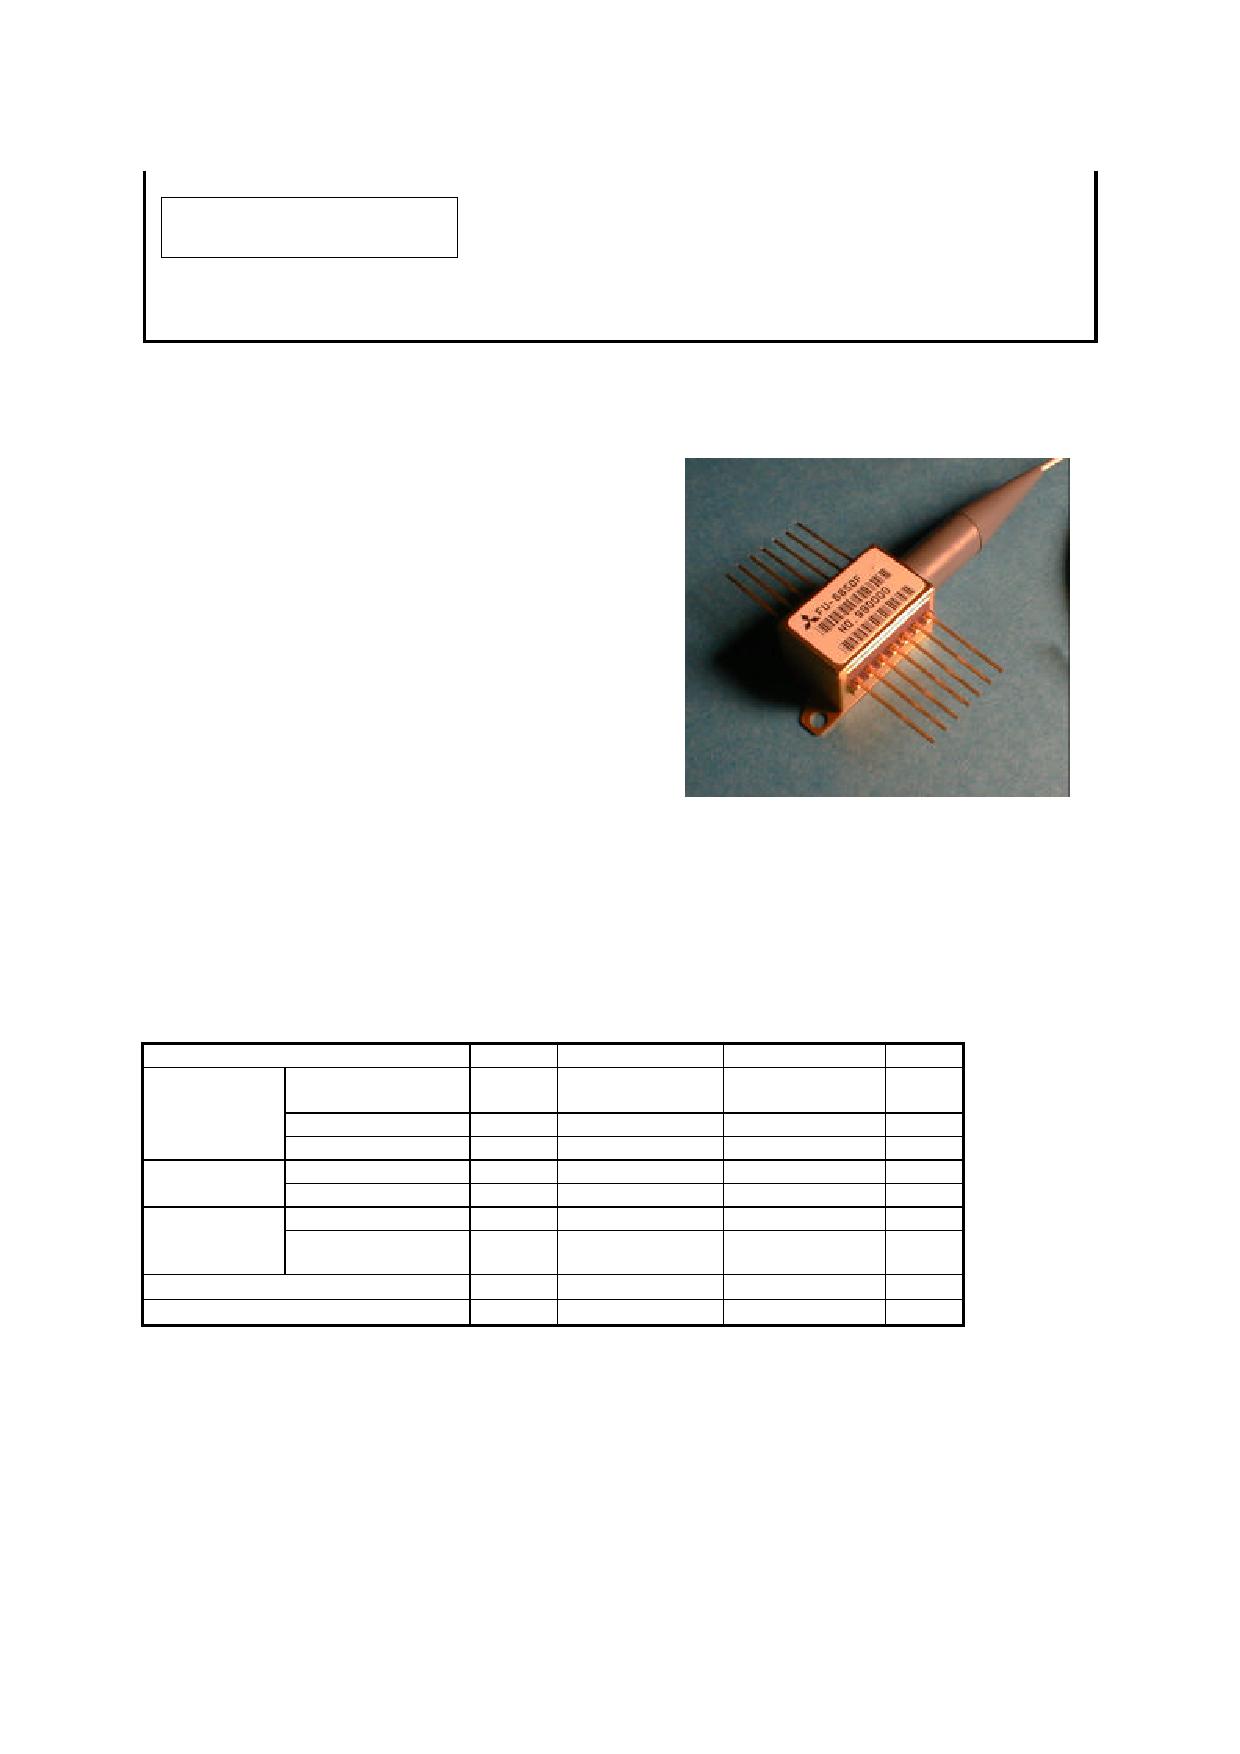 FU-68SDF-V810M124B دیتاشیت PDF